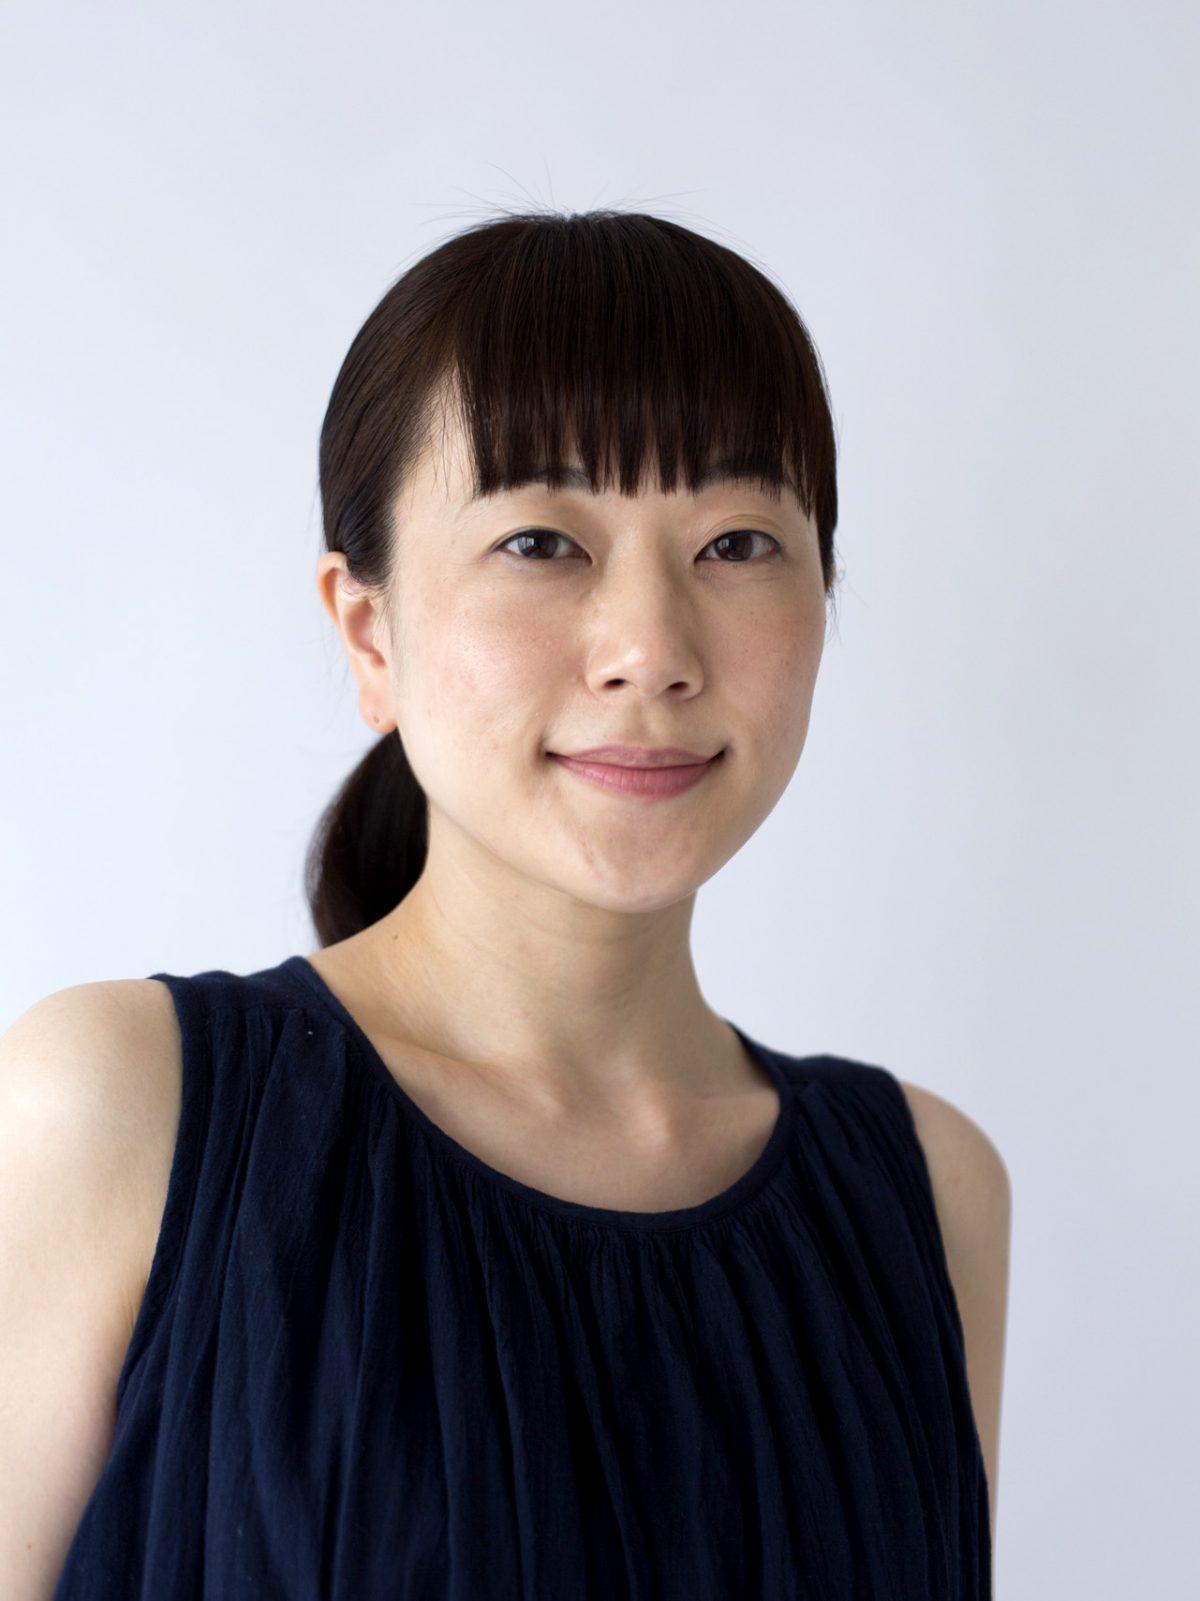 坂倉奈津子Natsuko Sakakura